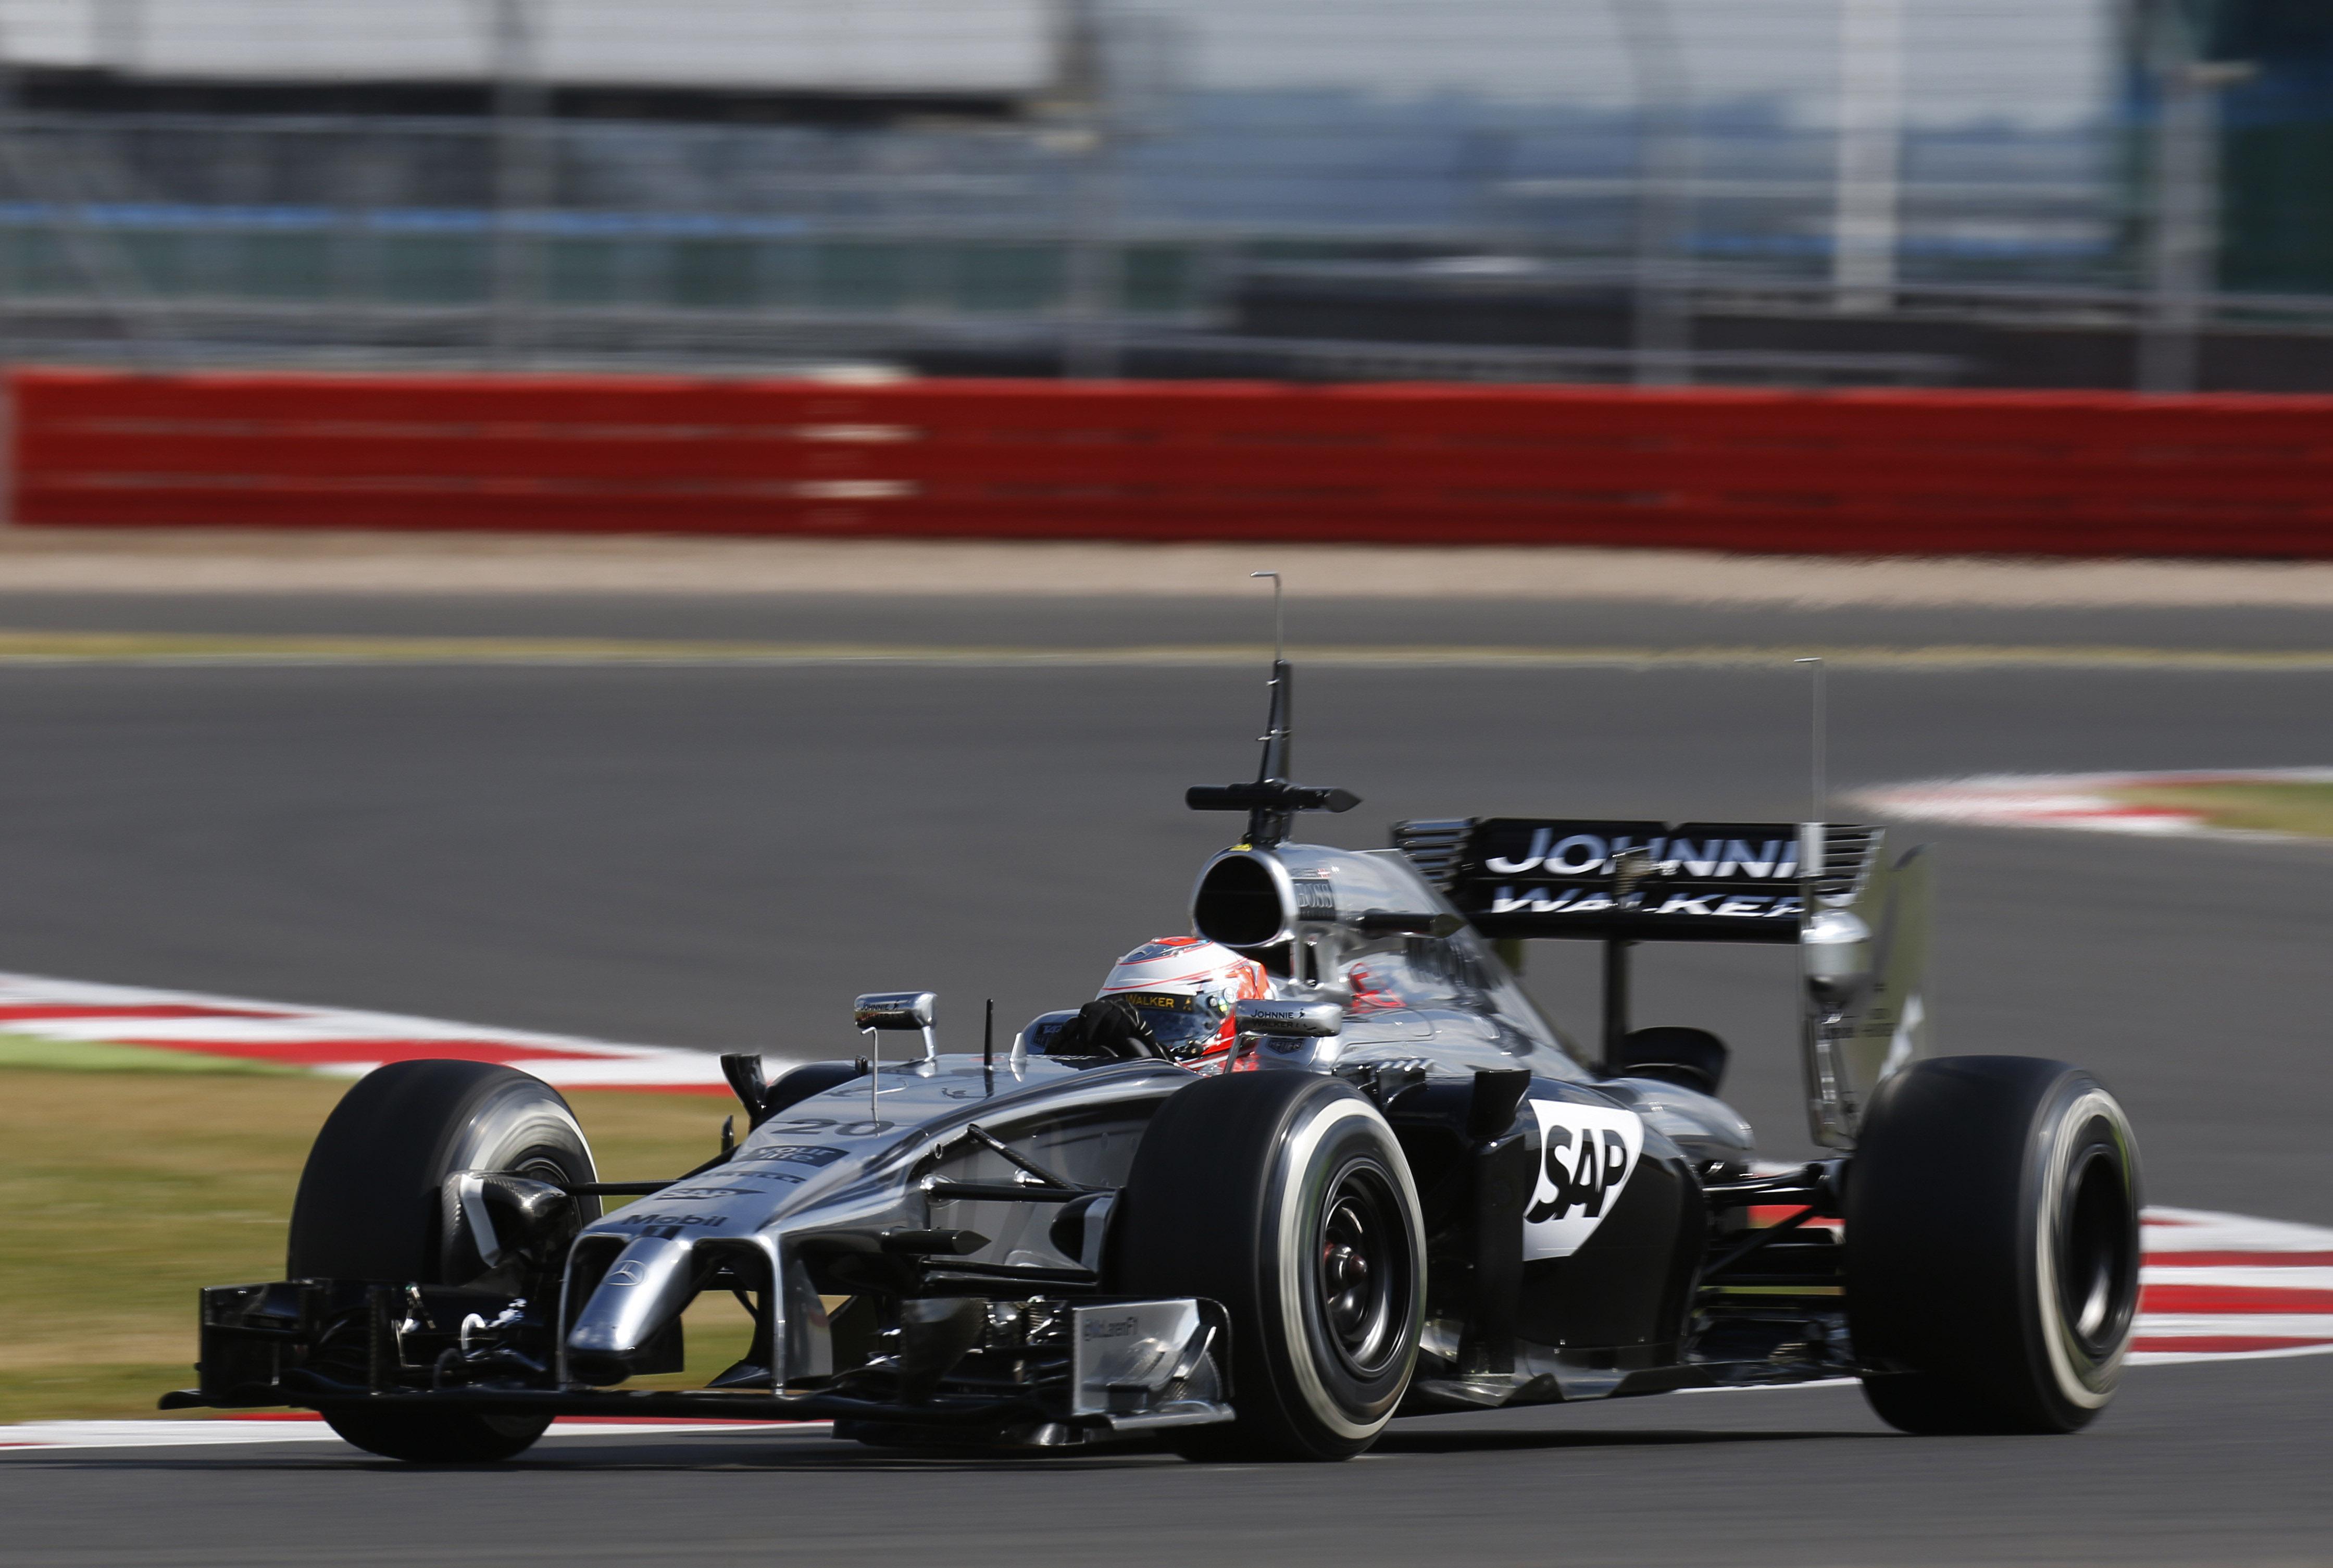 F1 2014 - Silverstone In-Season Test